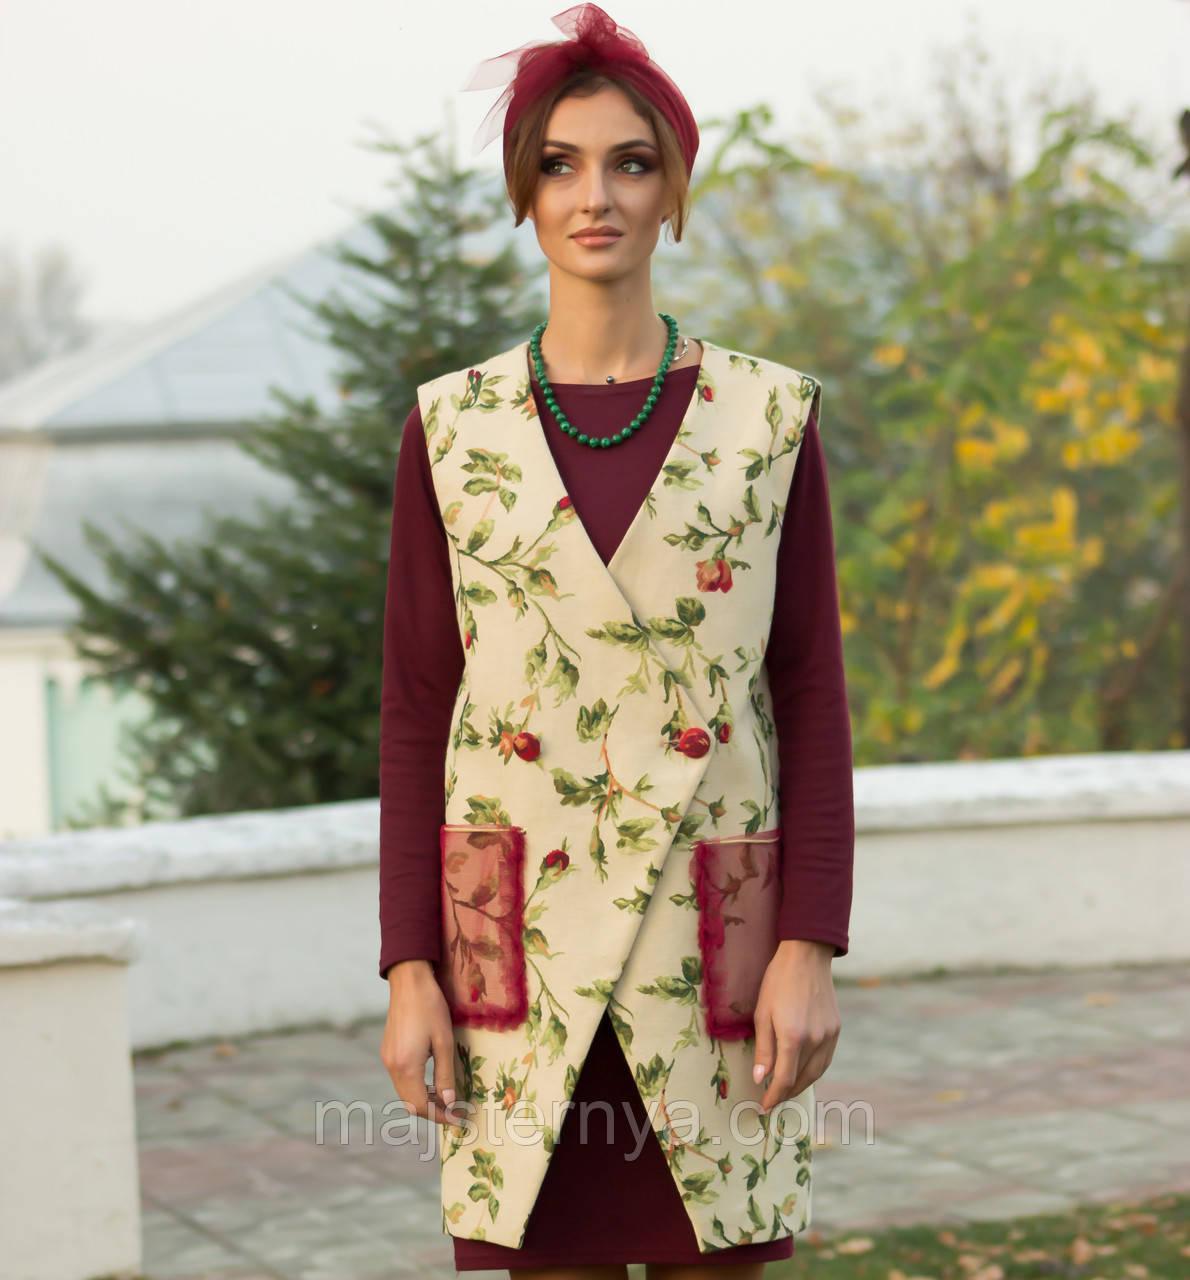 Жіноча жилетка з квітами, гобелен